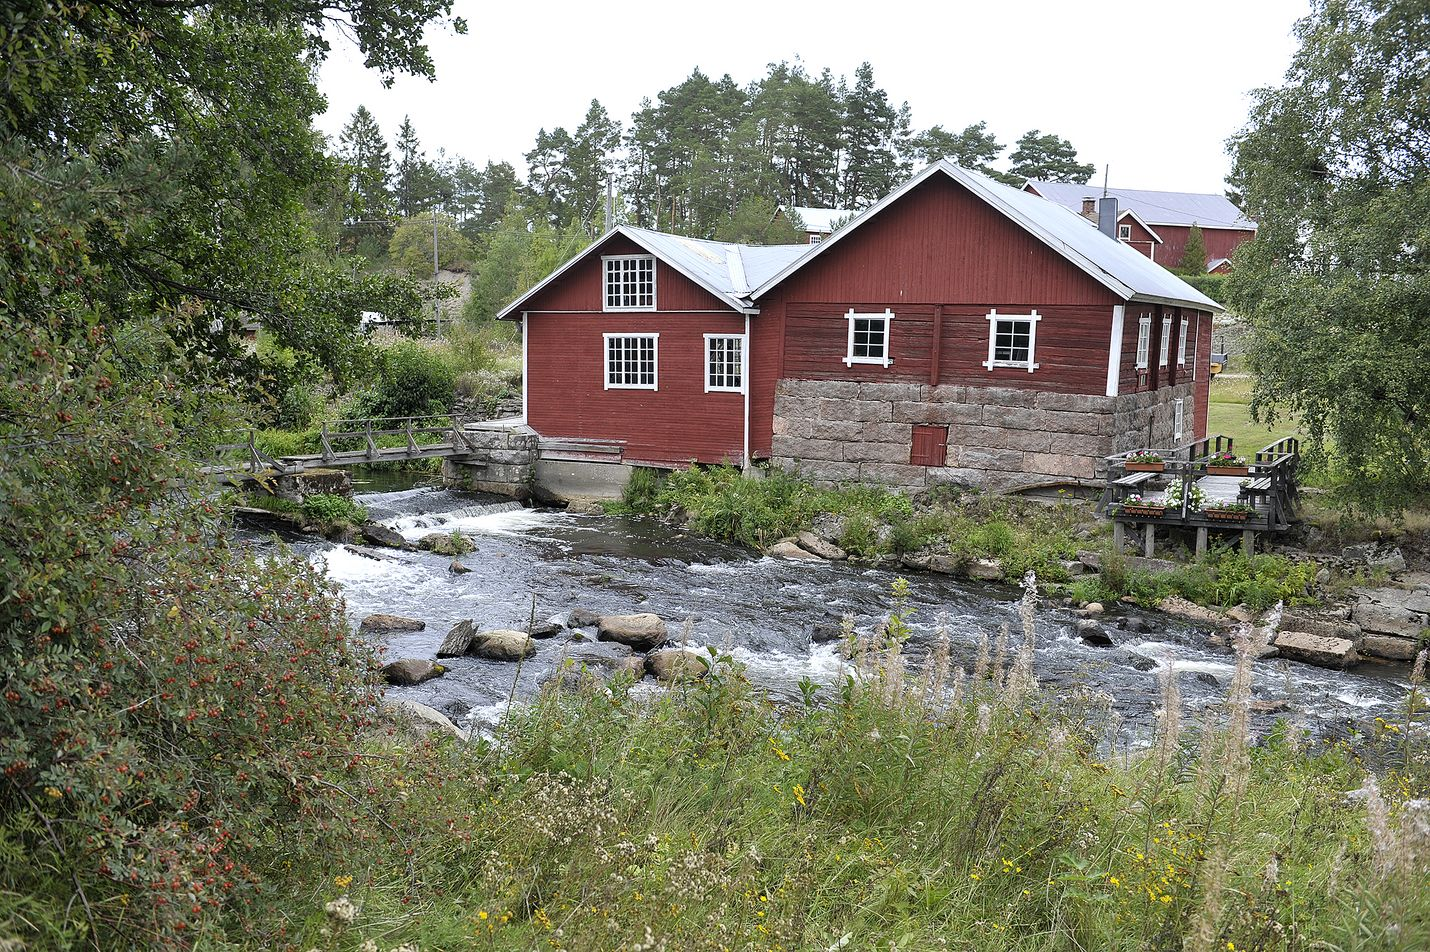 Kirjoittaja patistaa kehittämään Eurajokea luontoreittinä ja parantamaan joen vedenlaatua.